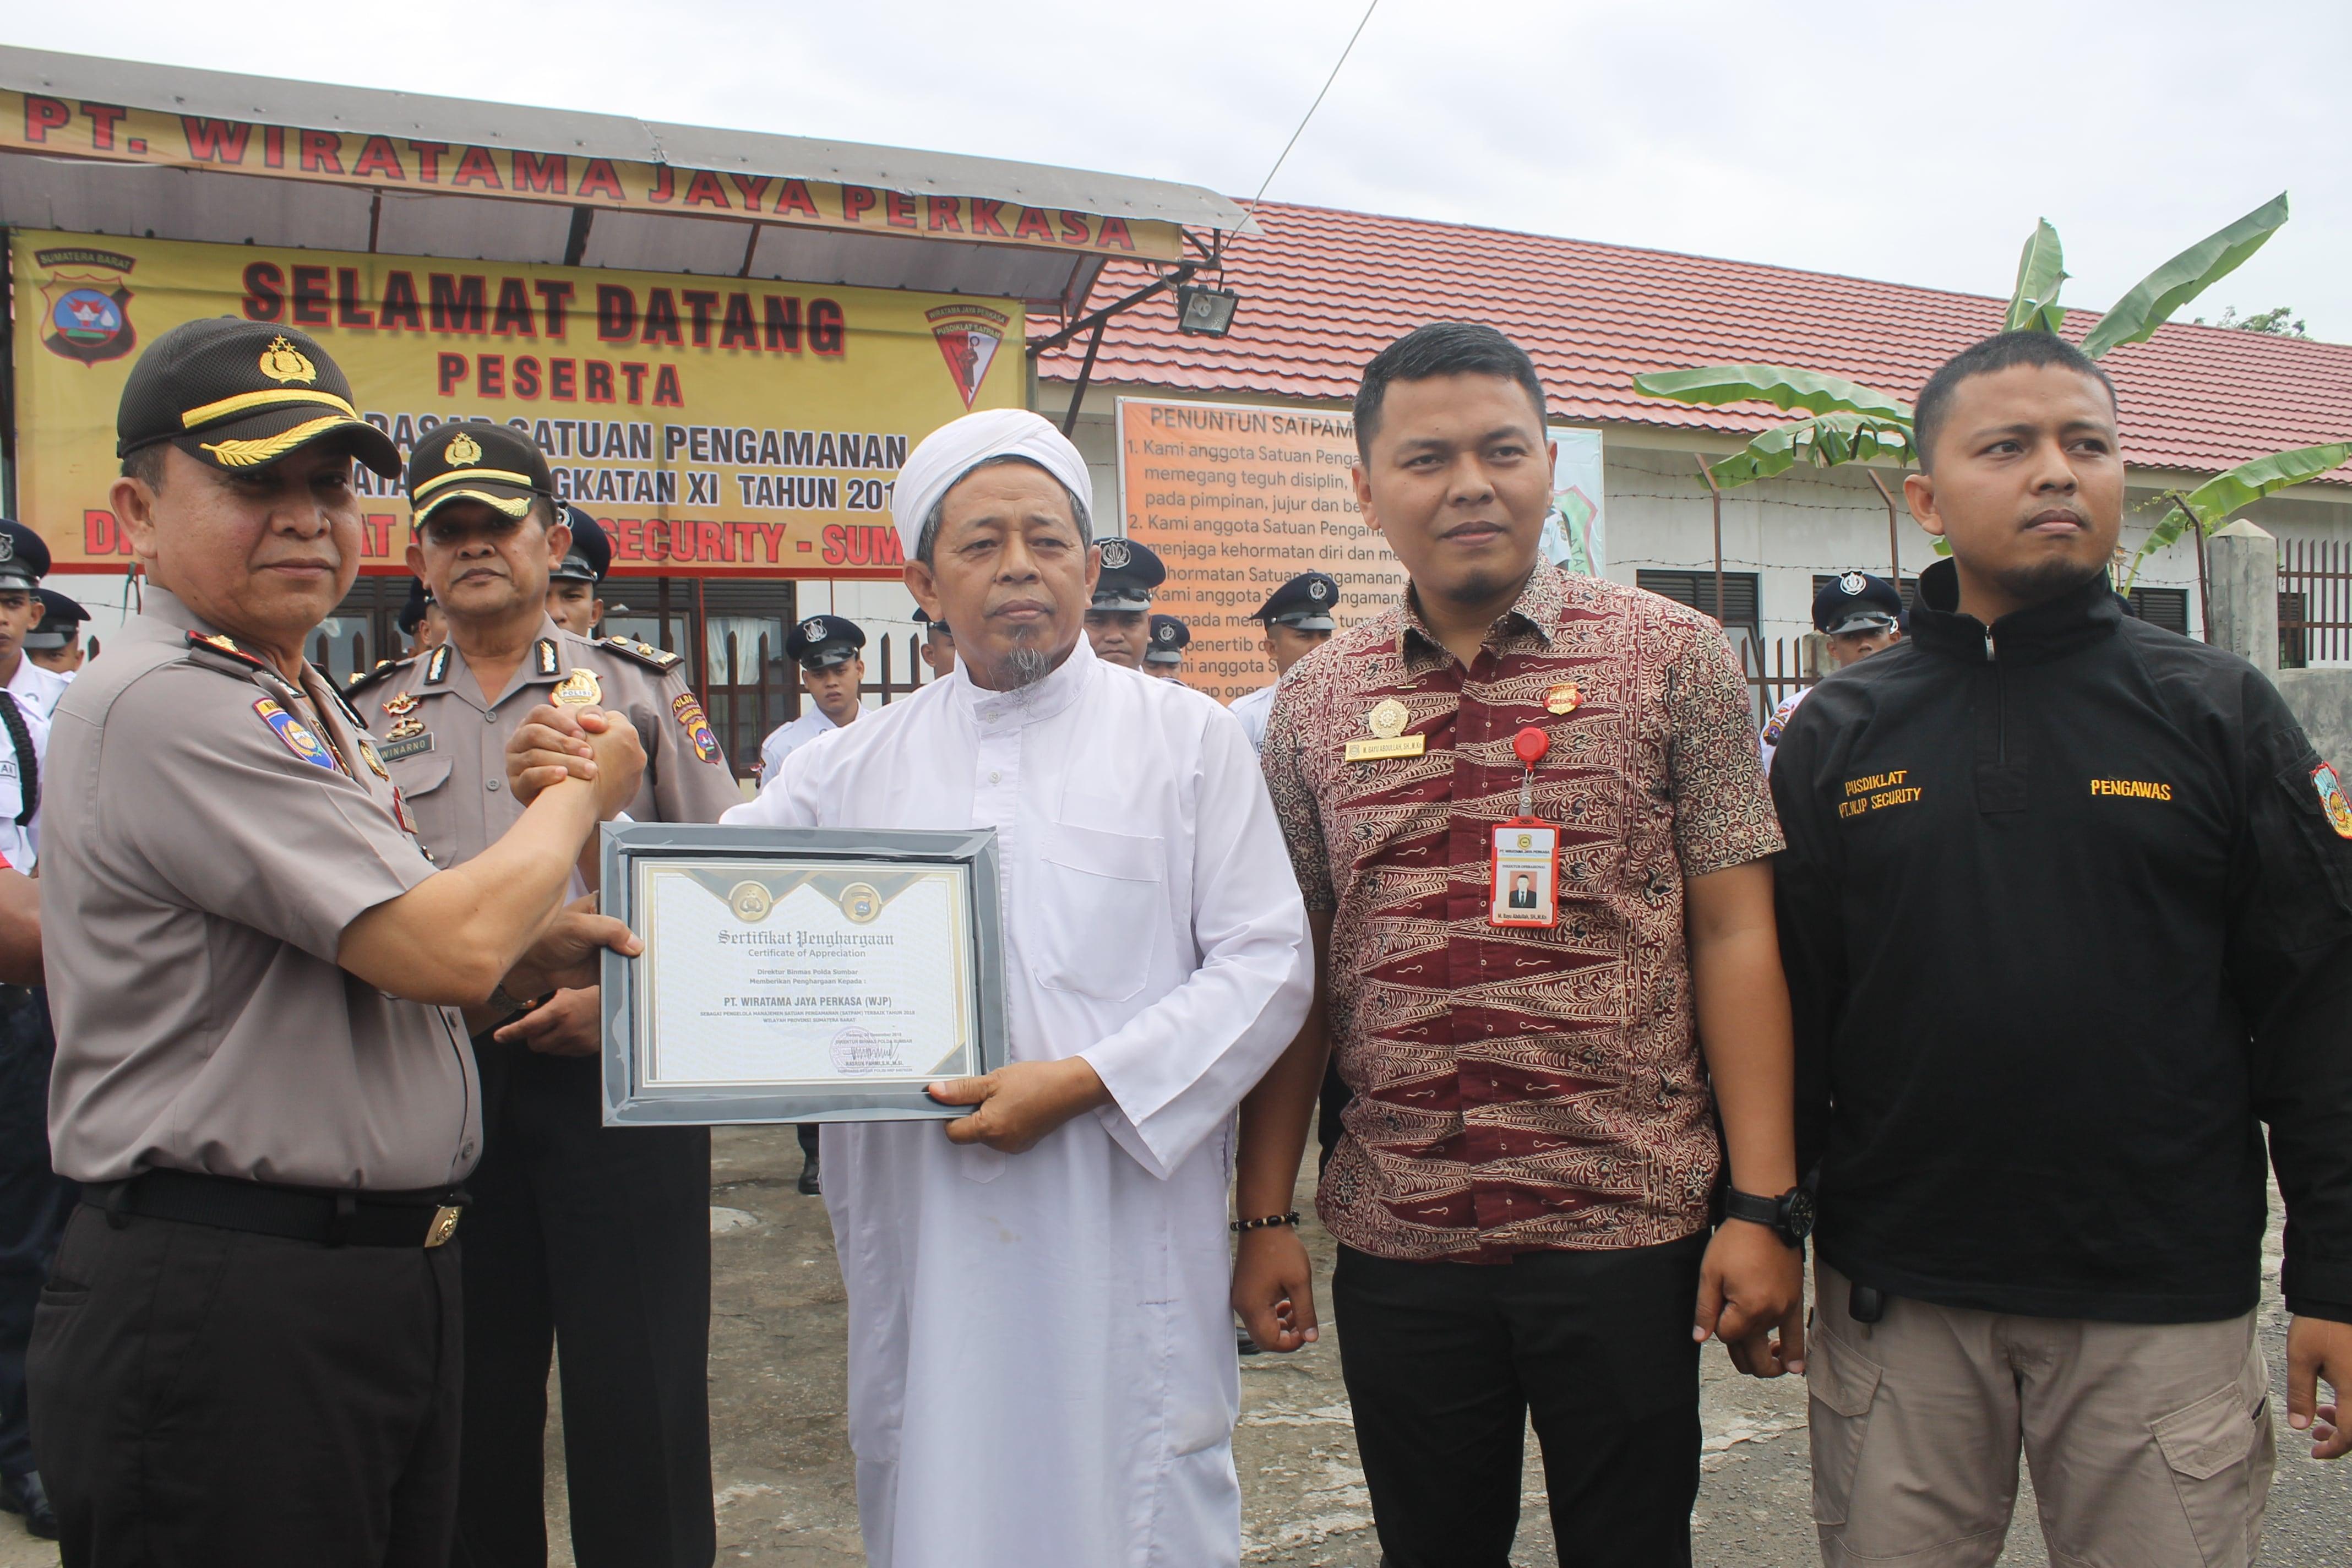 PT Wiratama Jaya Perkasa mendapatkan sertifikat penghargaan dari BINMAS POLDA SUMBAR